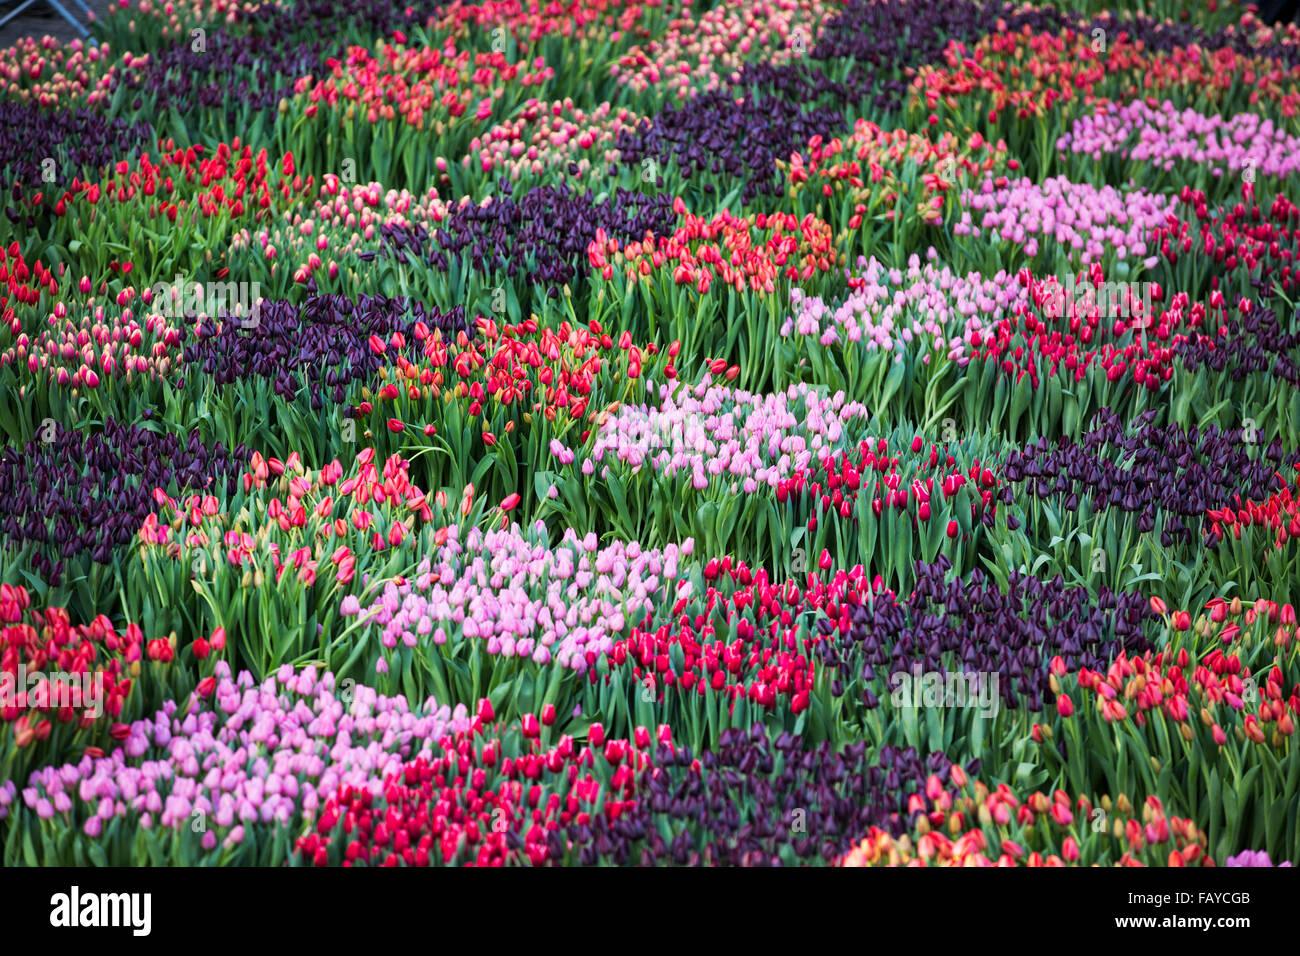 niederlande amsterdam beginn der tulpe saison am dam platz menschen k nnen die tulpen. Black Bedroom Furniture Sets. Home Design Ideas